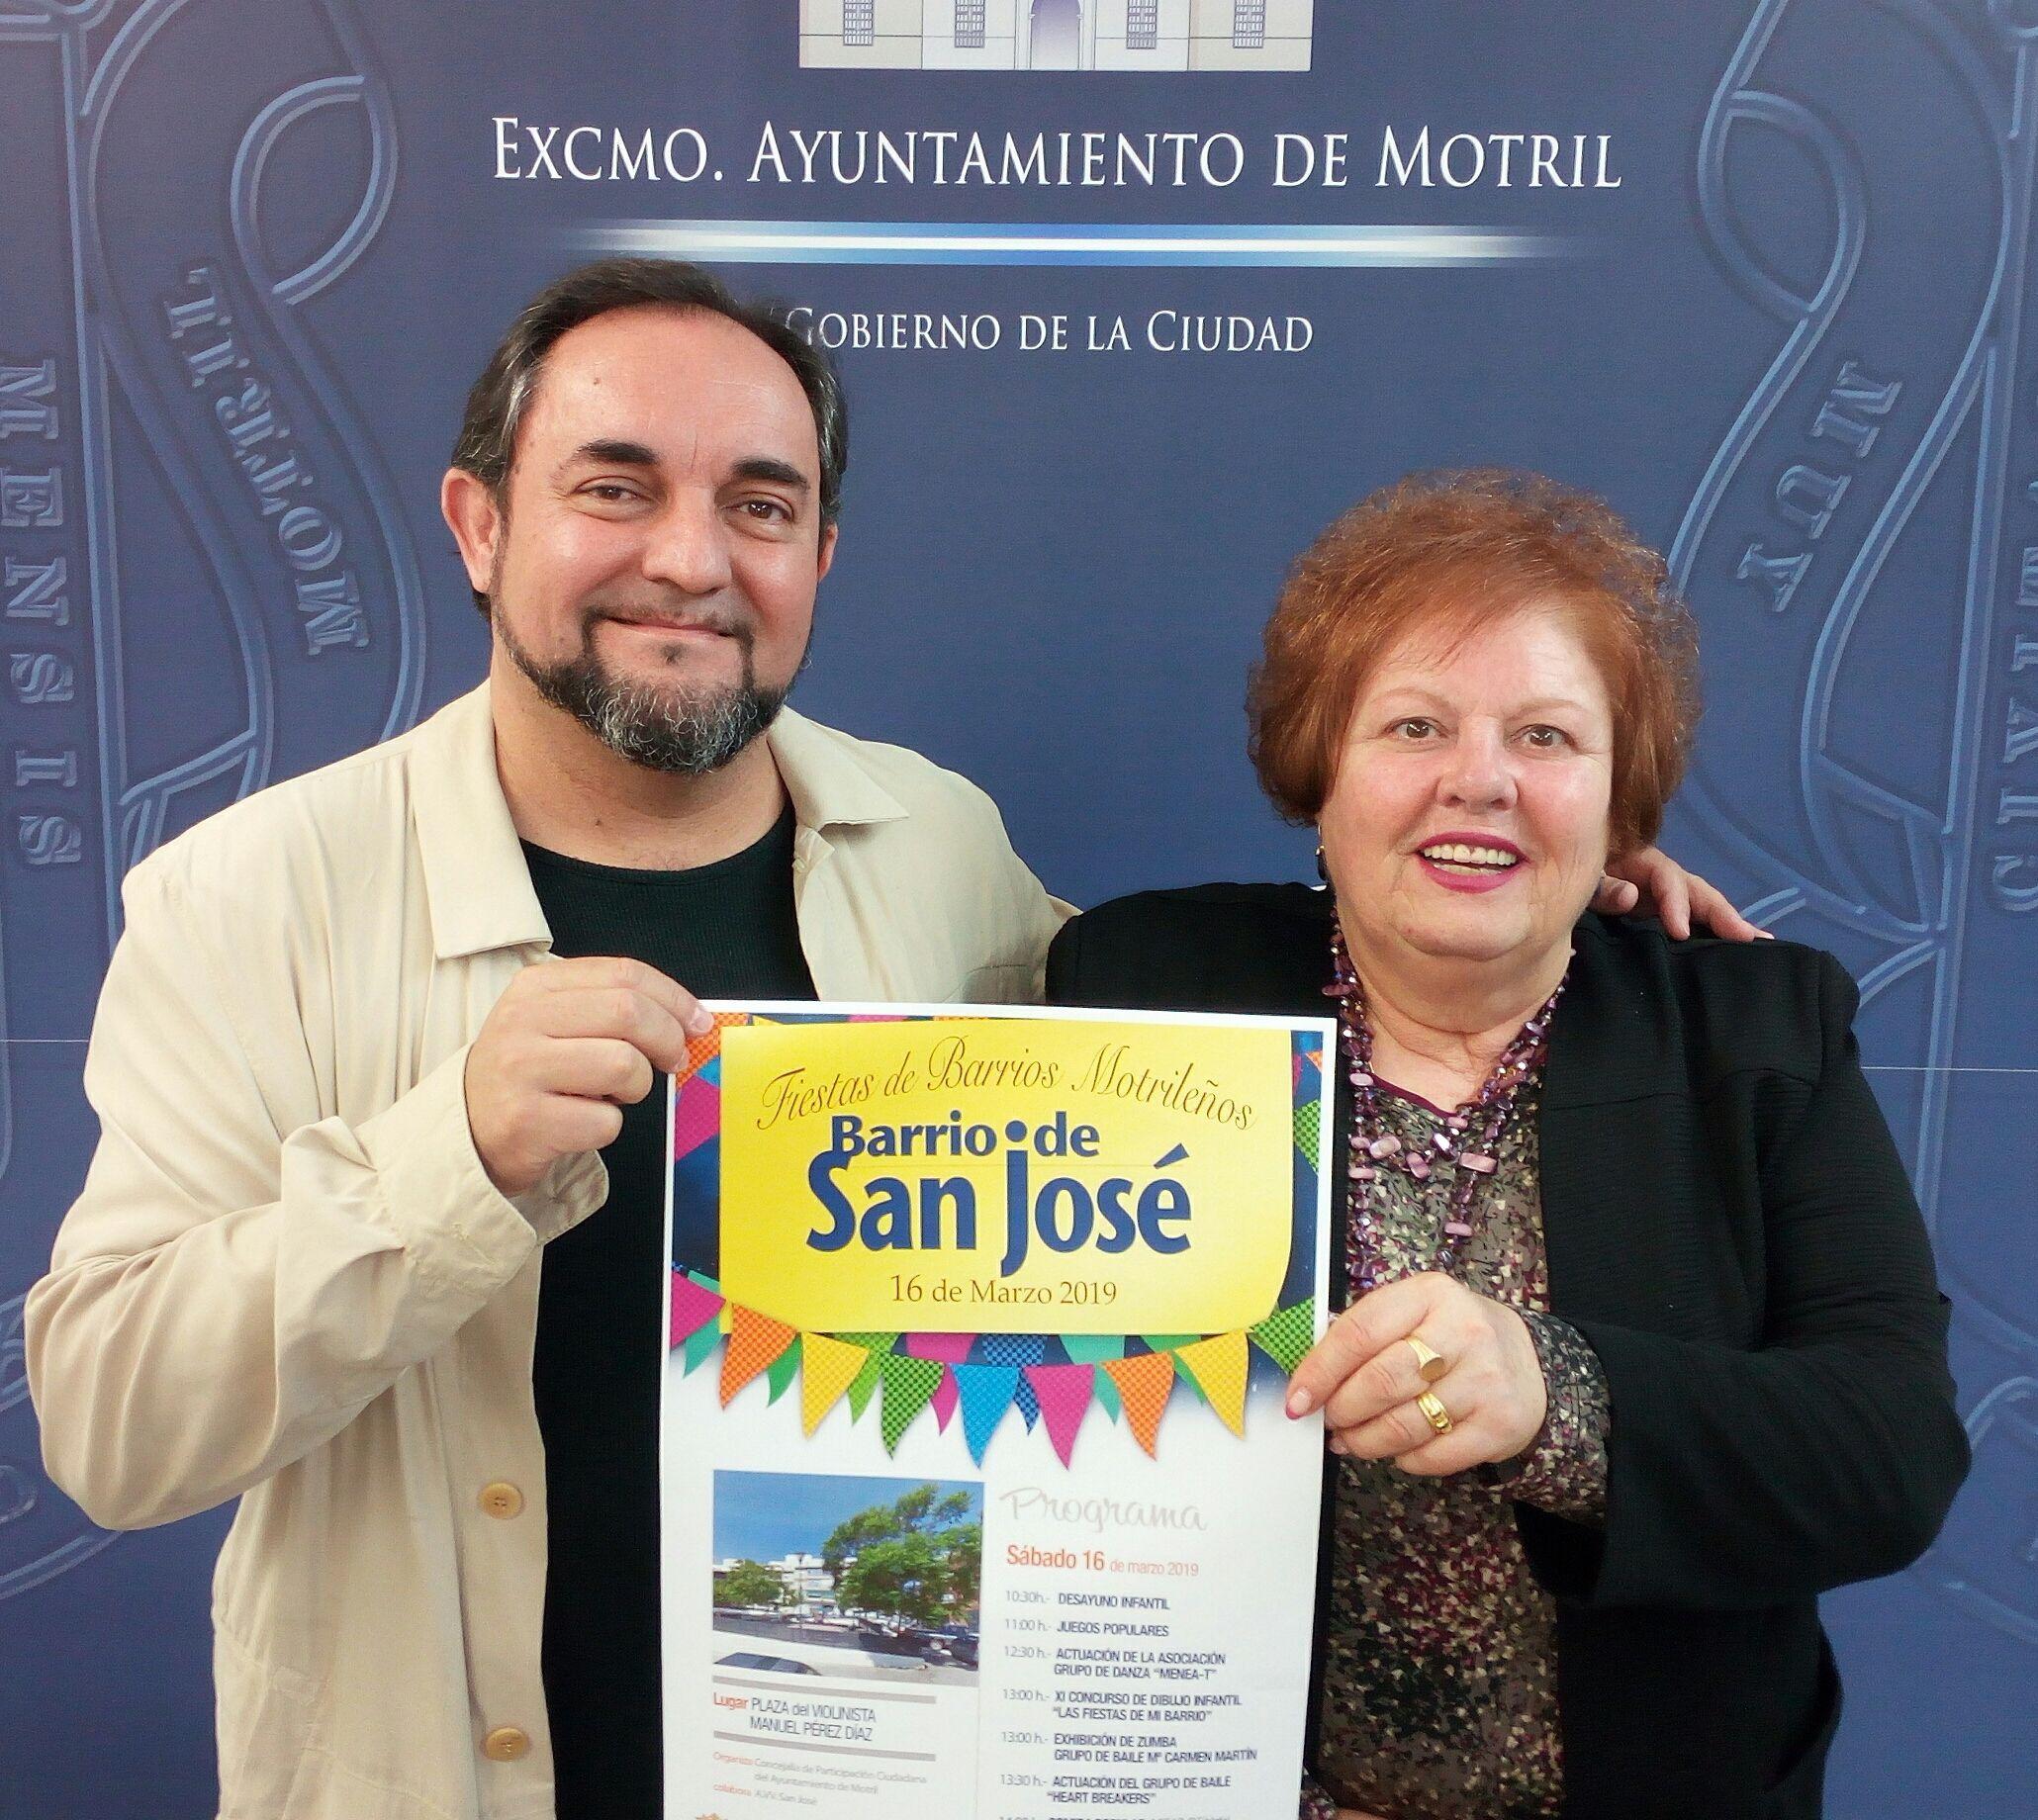 MIGUEL ÁNGEL MUÑOZ Y ADELA GUERRERO, EN LA PRESENTACIÓN DE LA FIESTAS DE SAN JOSÉ